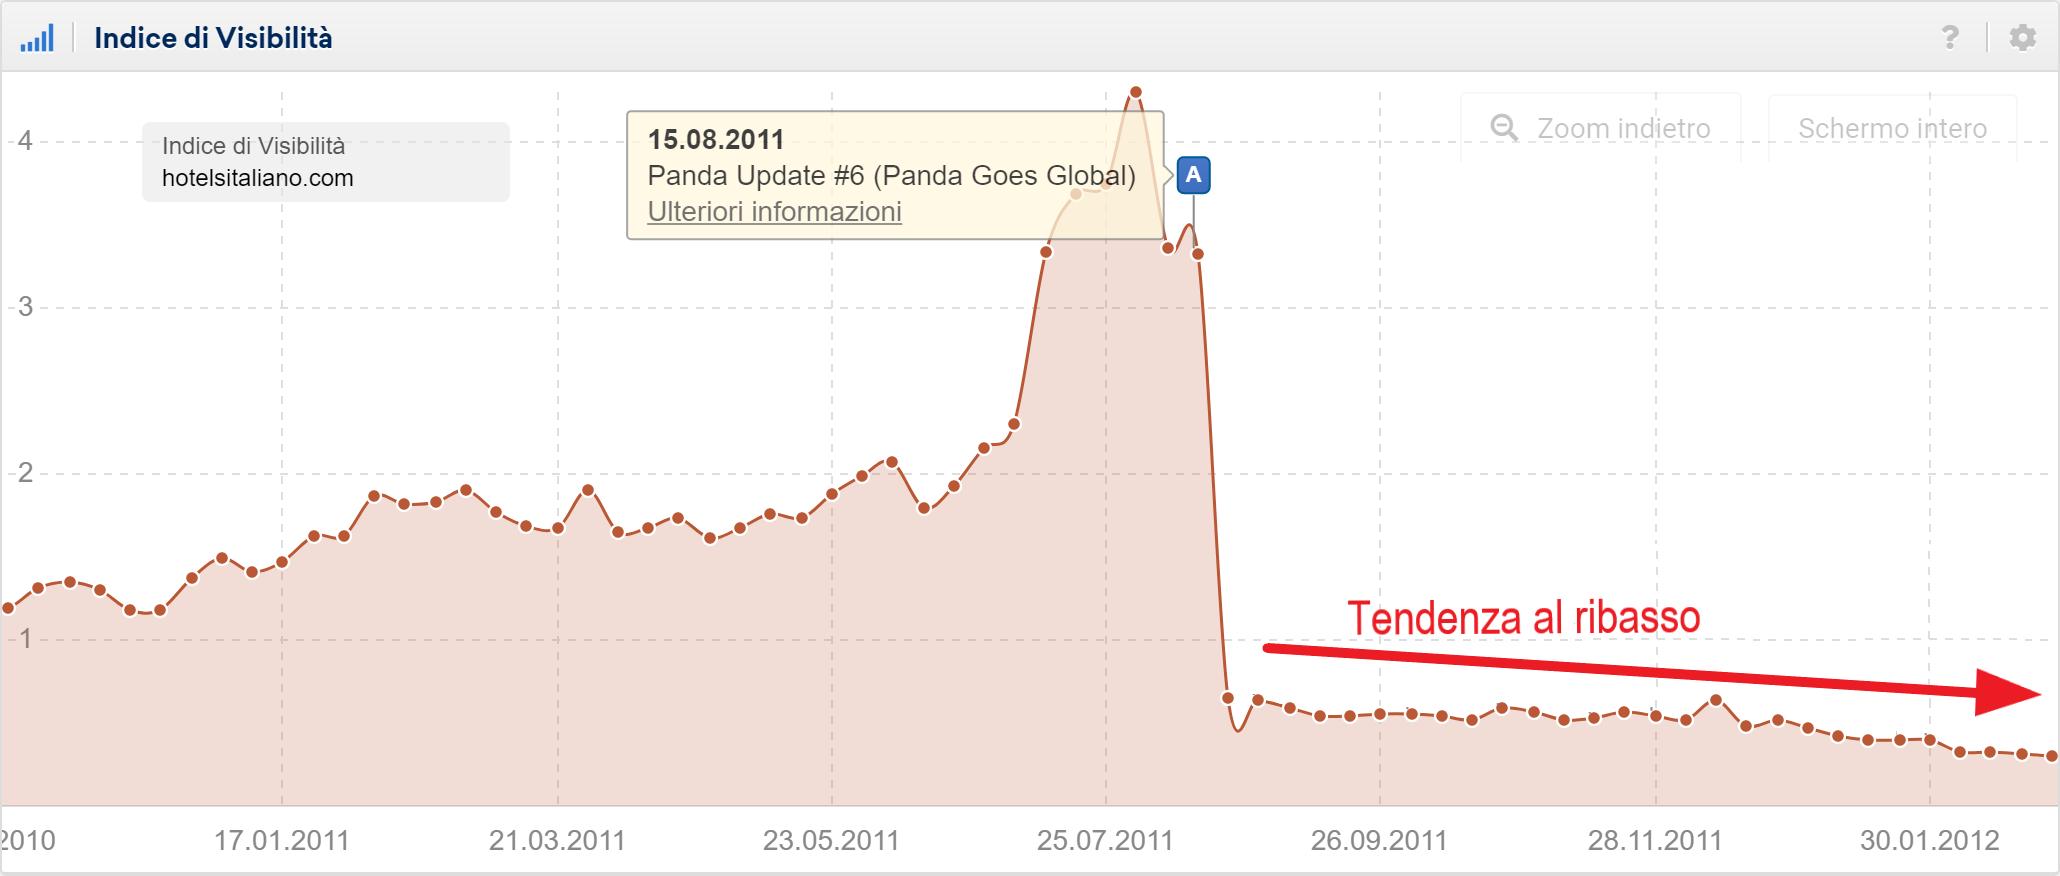 Tendenza al ribasso per panda update